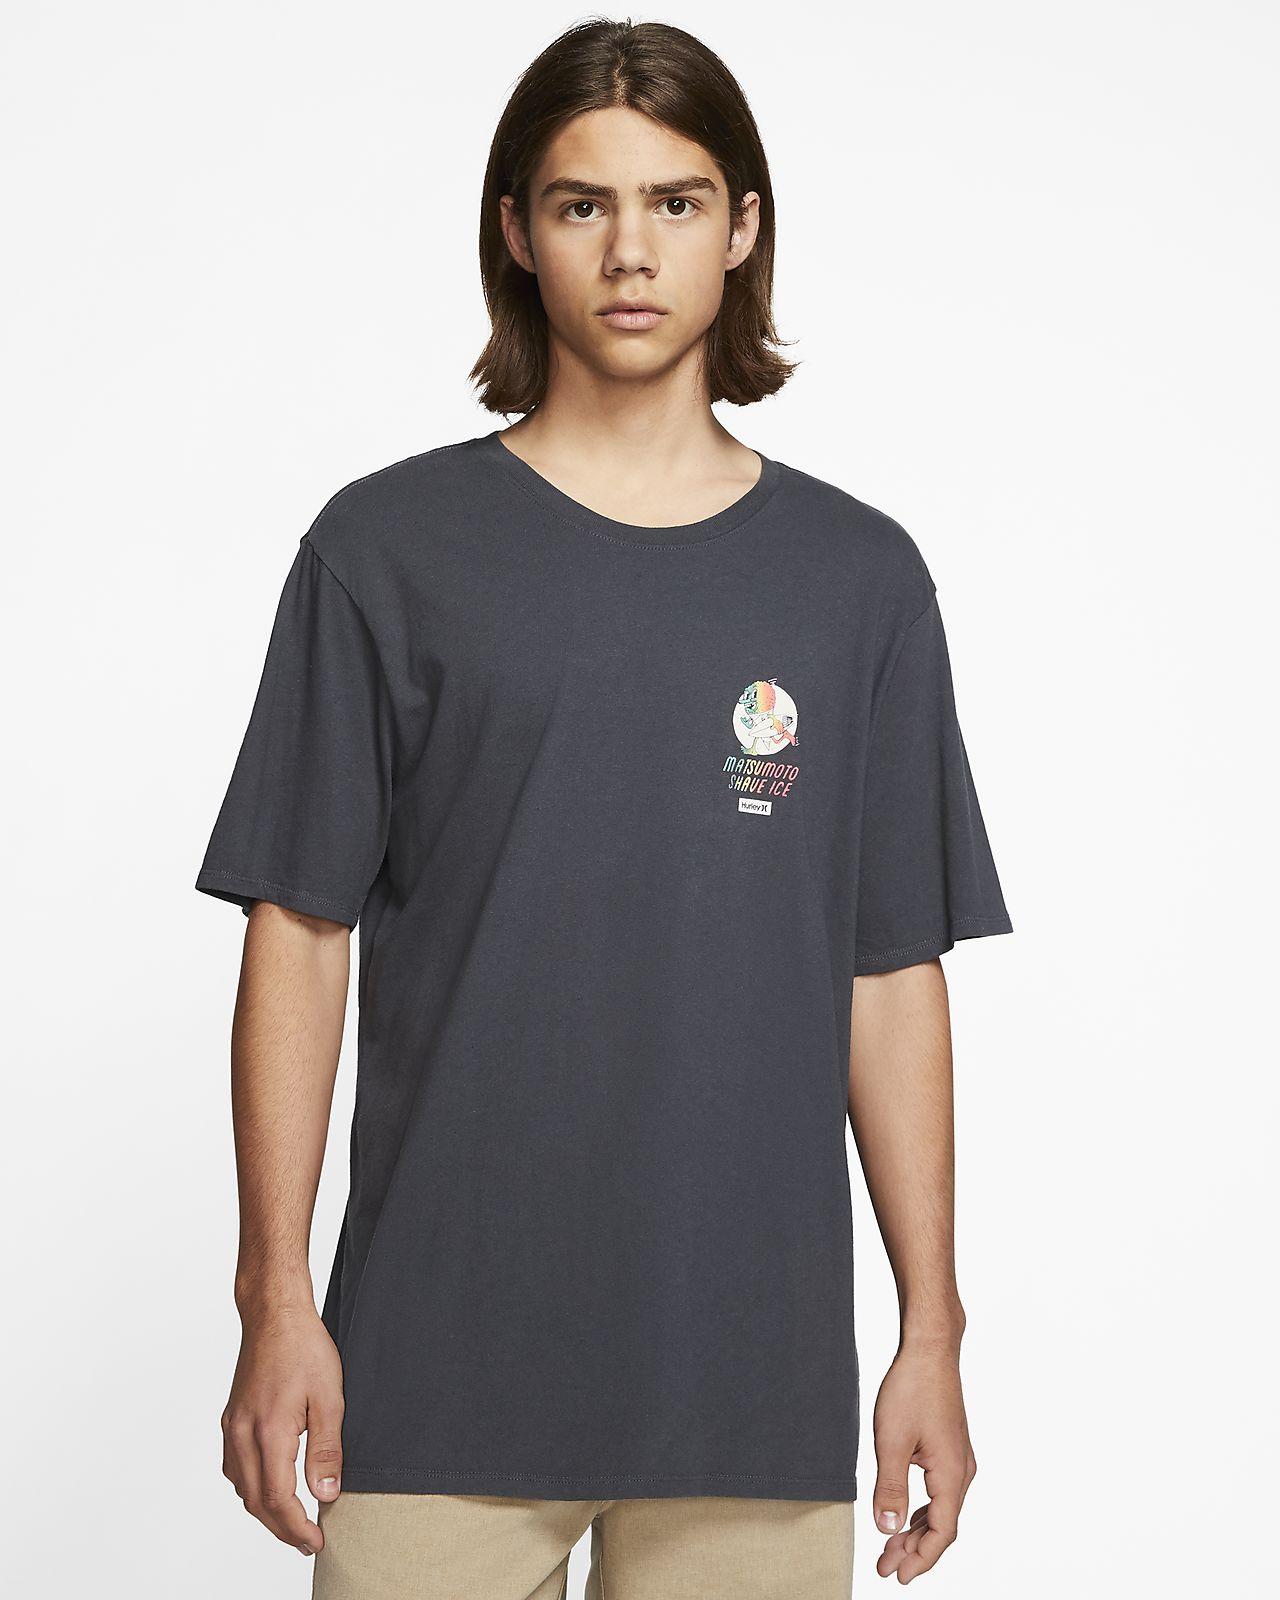 Hurley x Matsumoto Shave Ice Erkek Tişörtü